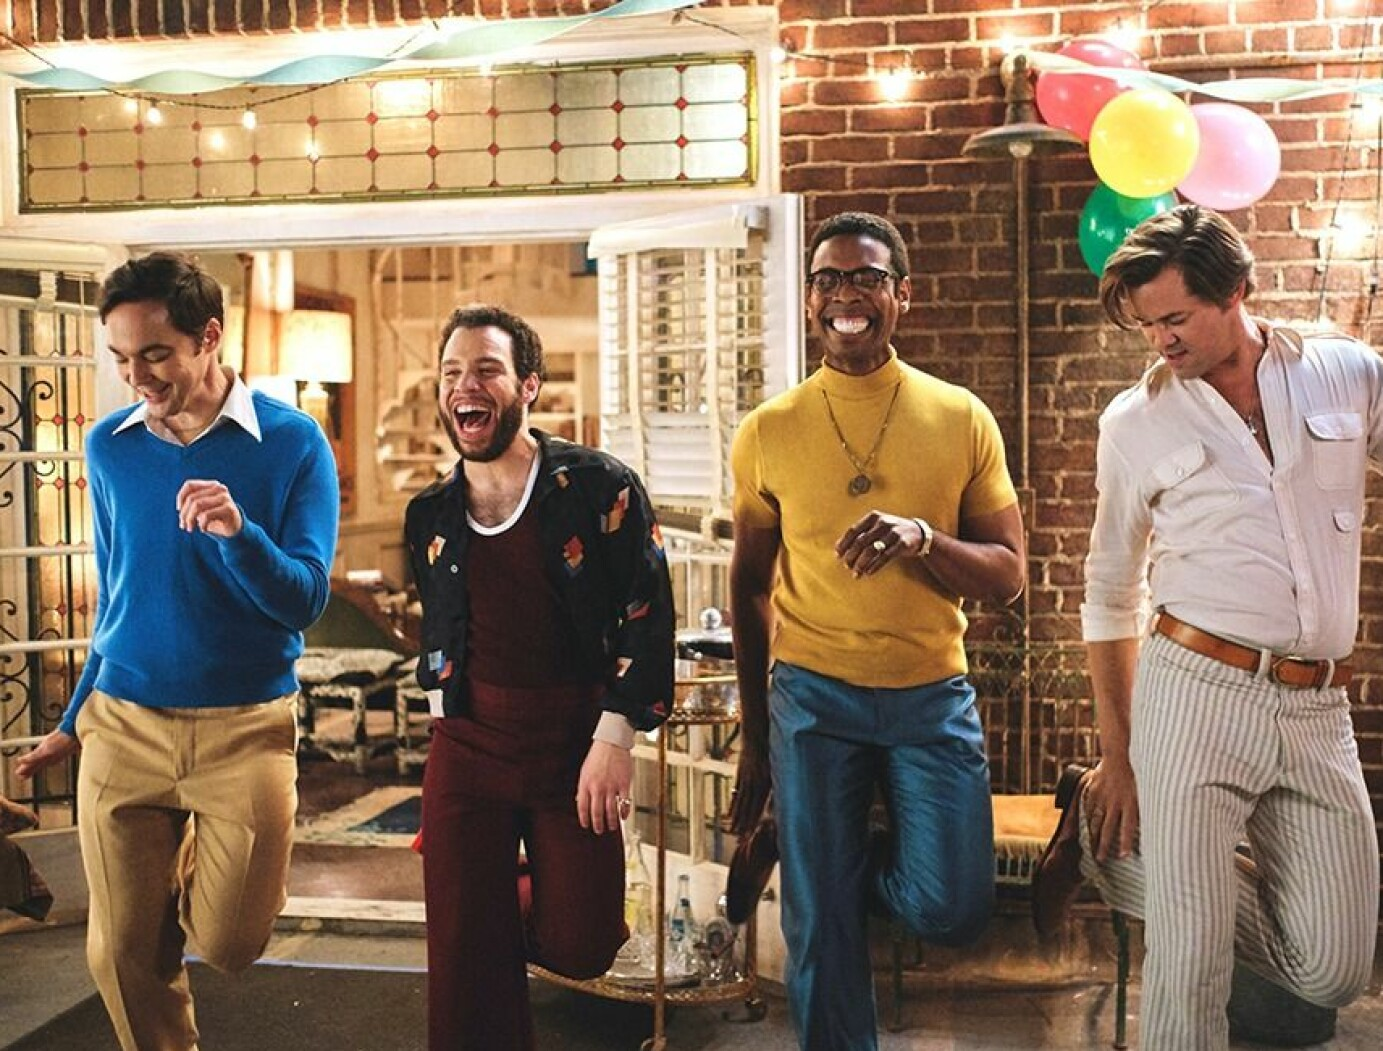 «The Boys in the Band» ble satt opp på off-Broadway i New York året før Stonewall-opprøret i 1969. Forestillingen fortalte historien om en gjeng med selvforaktende homser på desperat leting etter kjærlighet.